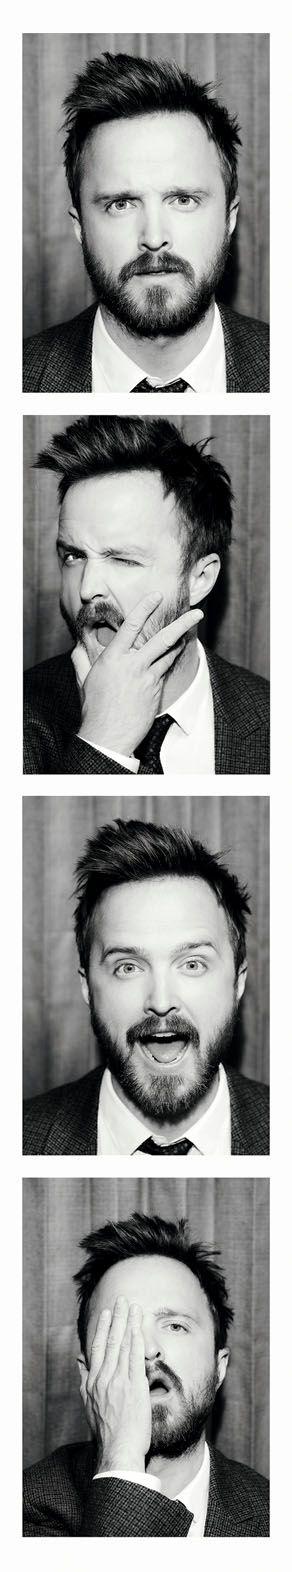 'Breaking Bad's' Young Gun: Exclusive Portraits of Aaron Paul